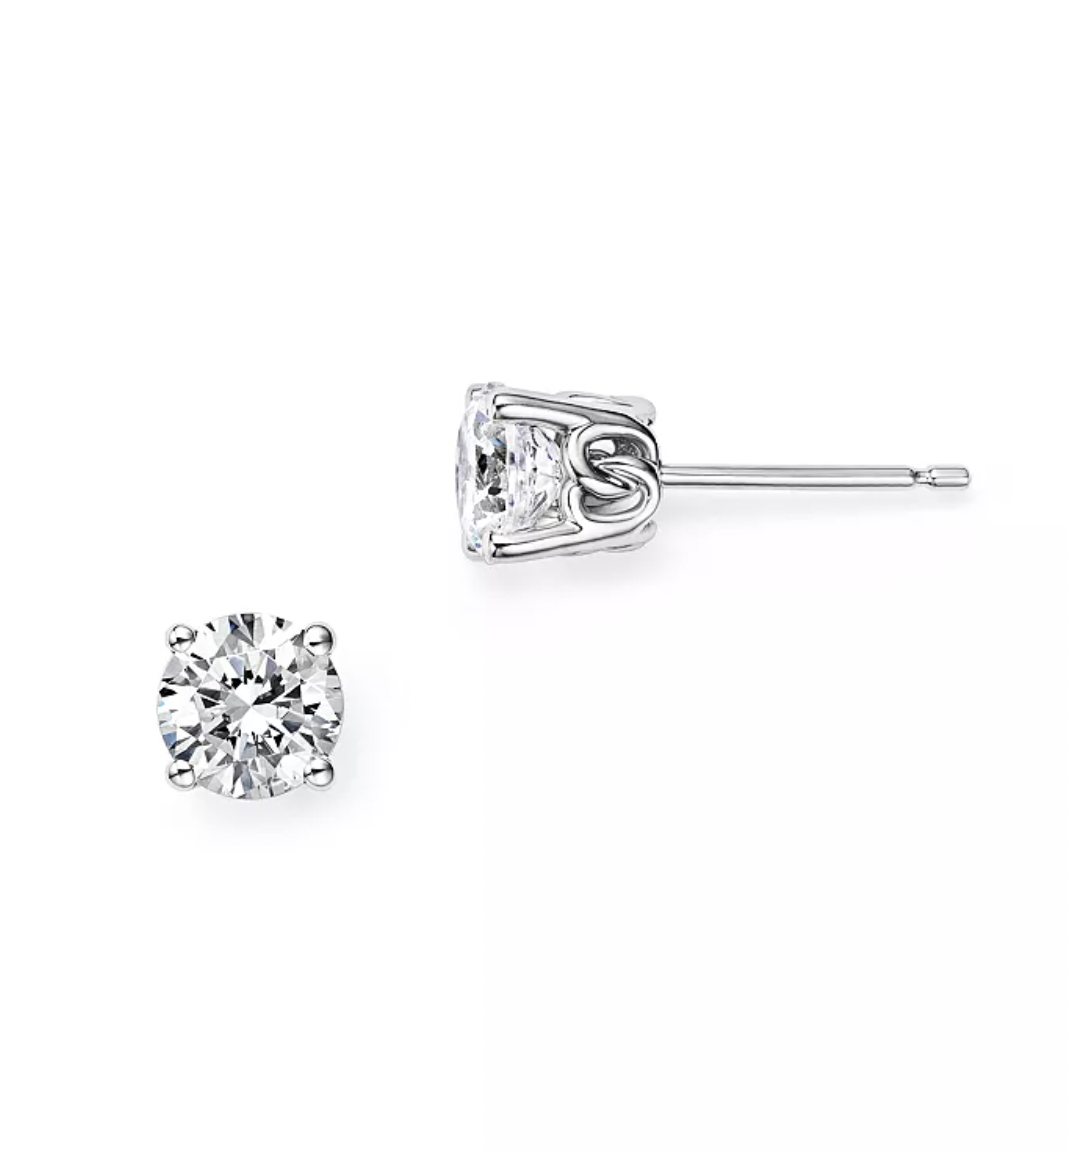 Bloomingdale's Diamond Stud Earrings successful  14K White Gold, 0.25 ct. t.w. - 1.0 ct. t.w.